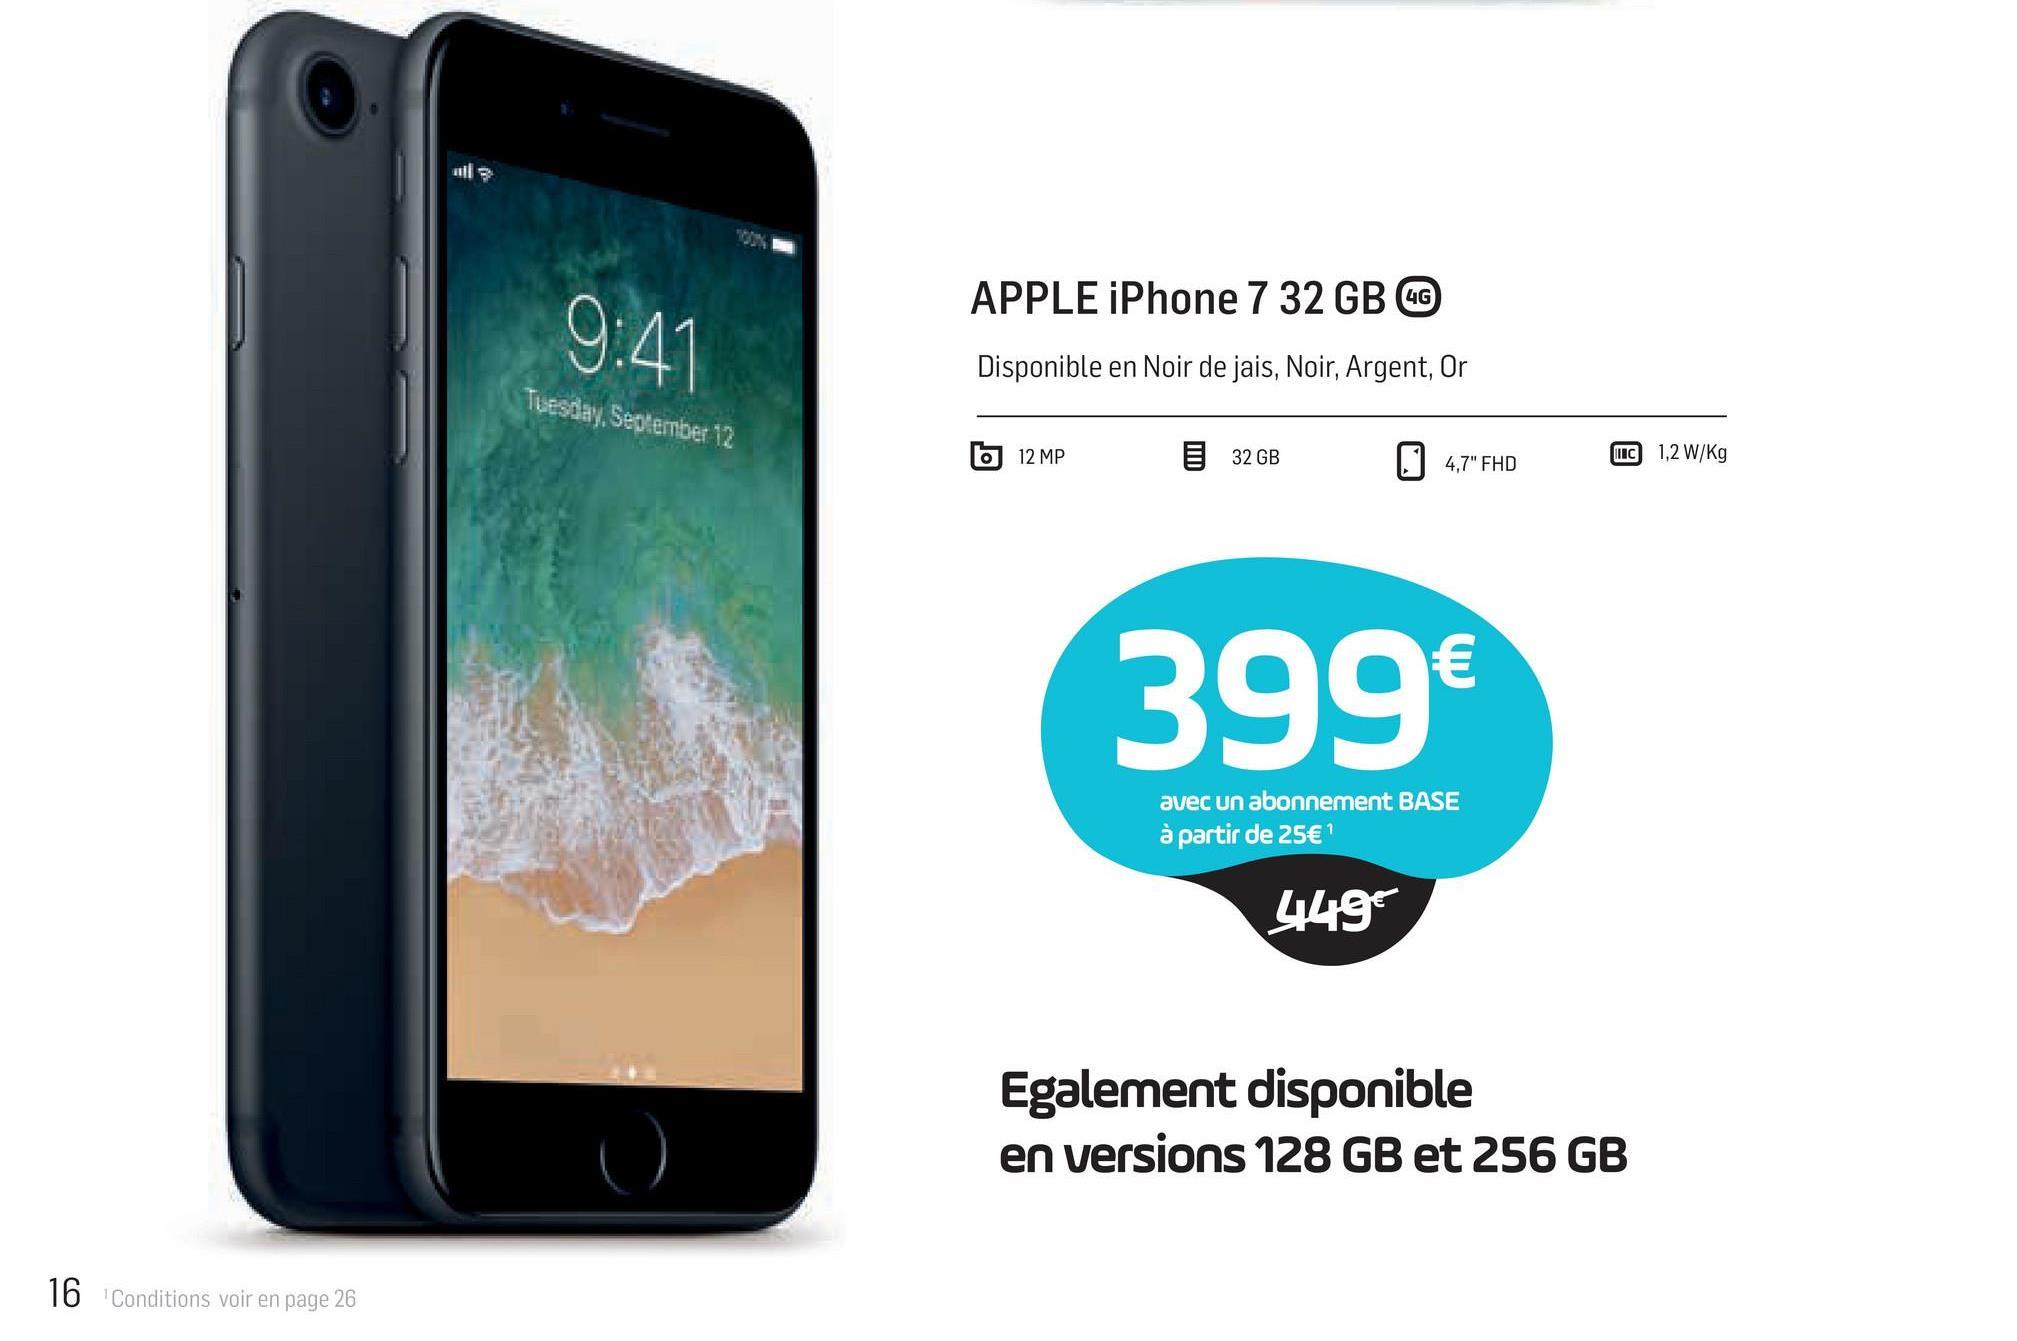 a3eb6604cb11e6 9 41 APPLE iPhone 7 32 GB  G Disponible en Noir de jais,